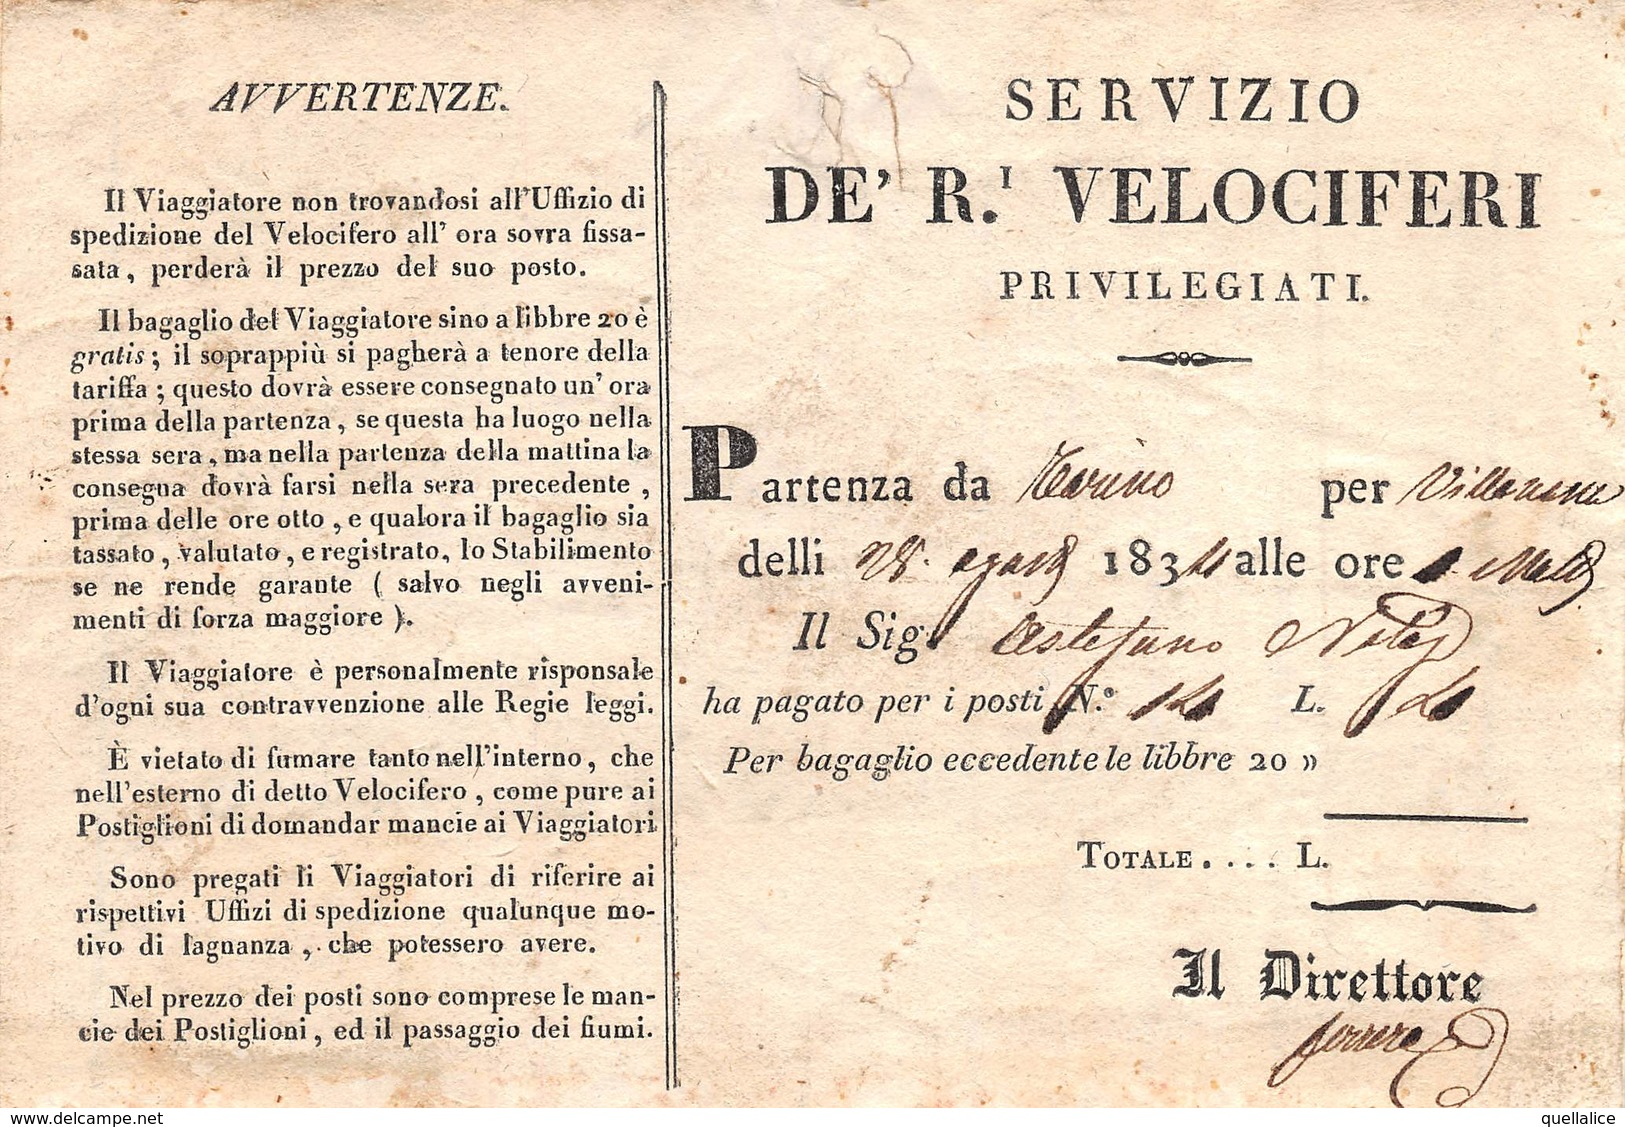 """0992 """"SERVIZIO DE' R. VELOCIFERI - 28 AGOSTO 1834 - BIGLIETTO TRASPORTO DA TORINO A VILLANUOVA"""" - Europe"""